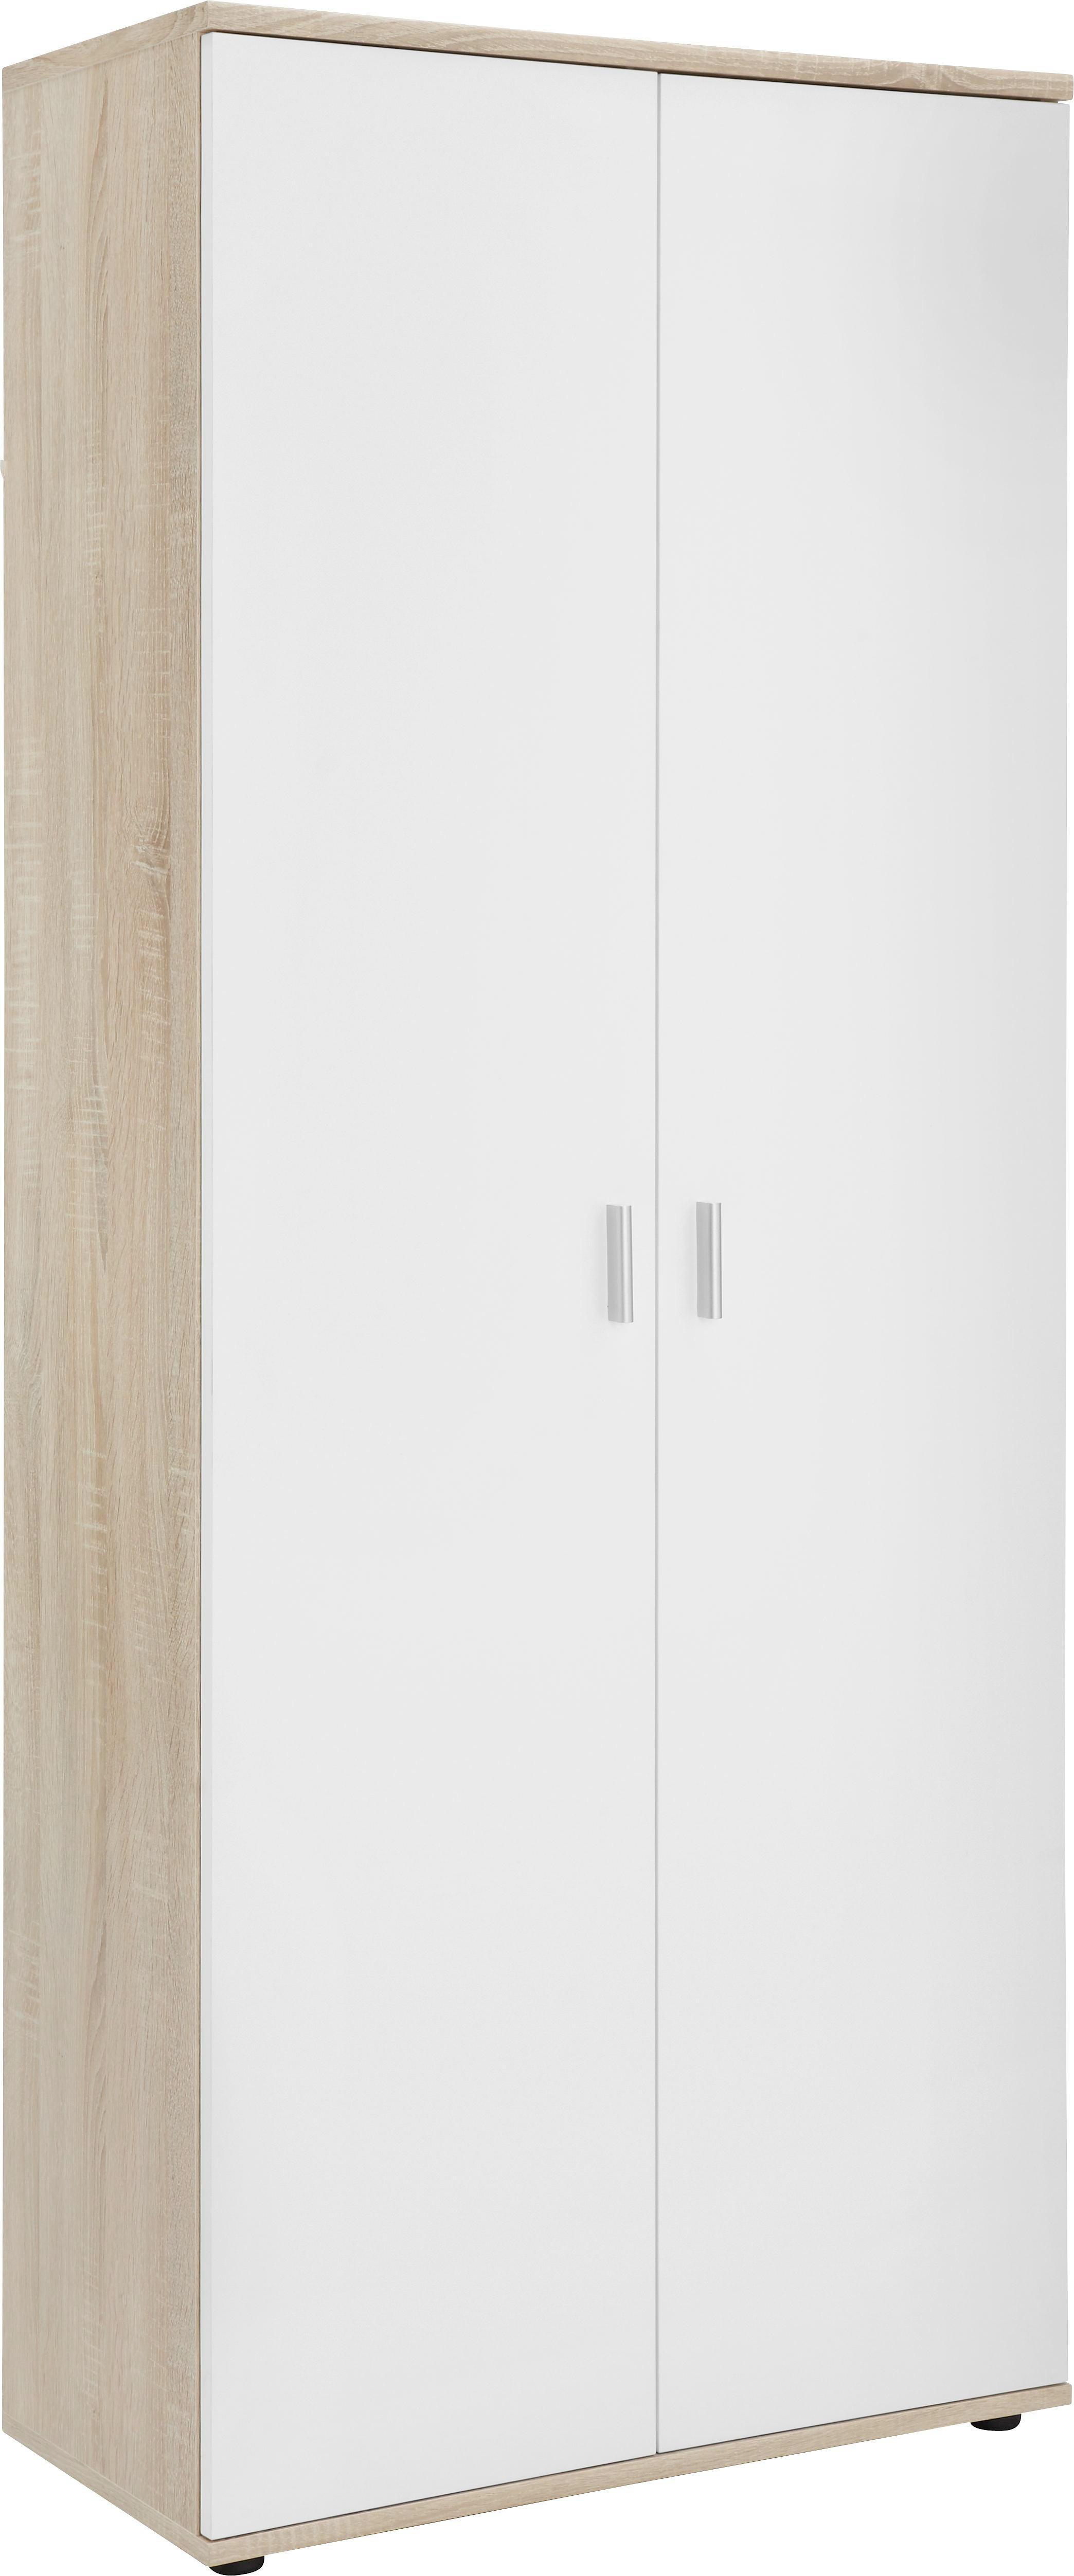 SCHUHSCHRANK Eichefarben, Weiß - Eichefarben/Silberfarben, Design, Holzwerkstoff/Kunststoff (69/176/35cm)